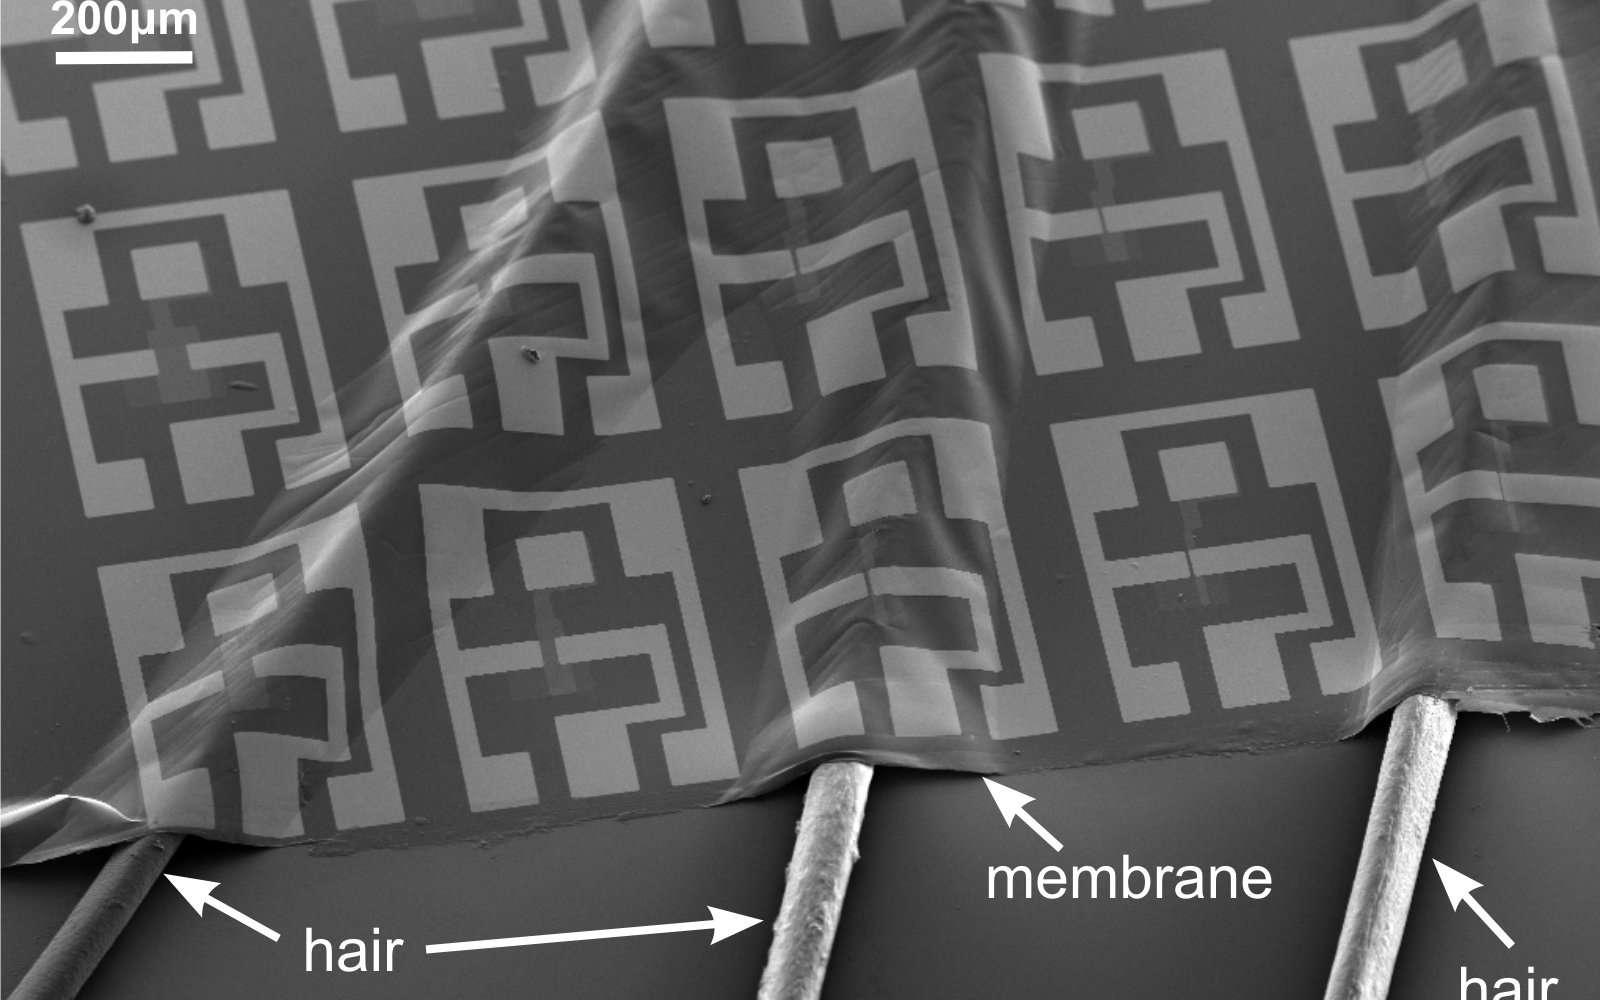 Cette image (l'échelle est de 200 µm) montre le circuit électrique ultraflexible (membrane) déposé sur des cheveux (hair). Les chercheurs de l'École polytechnique fédérale de Zurich ont également réussi à le déposer sur des bulles d'air dont il épouse la forme à la surface de l'eau. © Salvatore et al., EPFZ